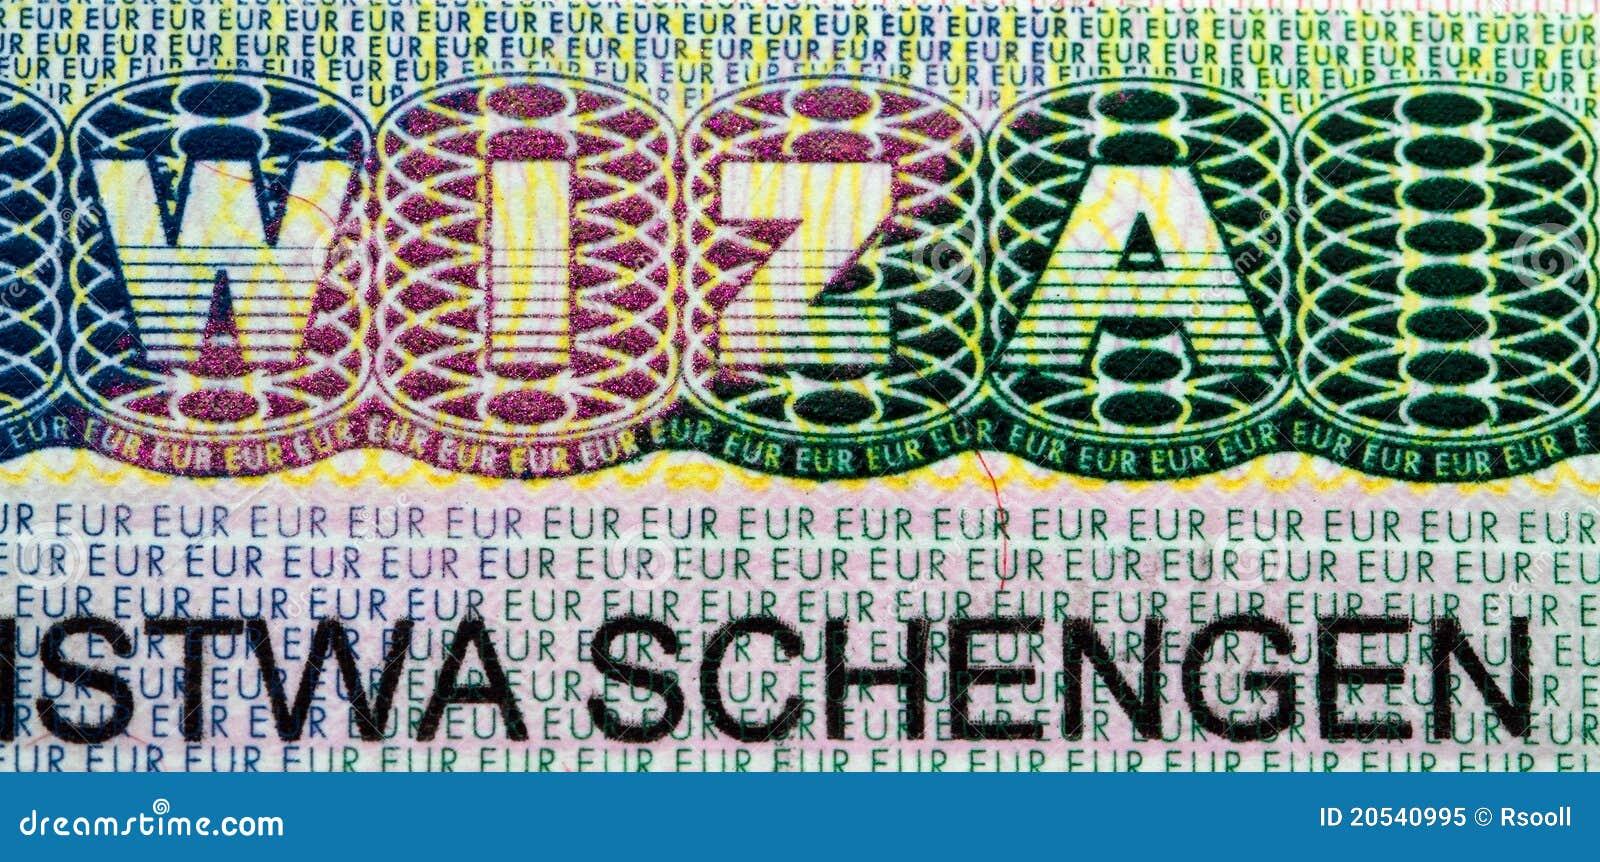 Makro Ein Foto Eines Teils Des Visum Im Paß Mit Einem Beschreibung Wiza  Schengen